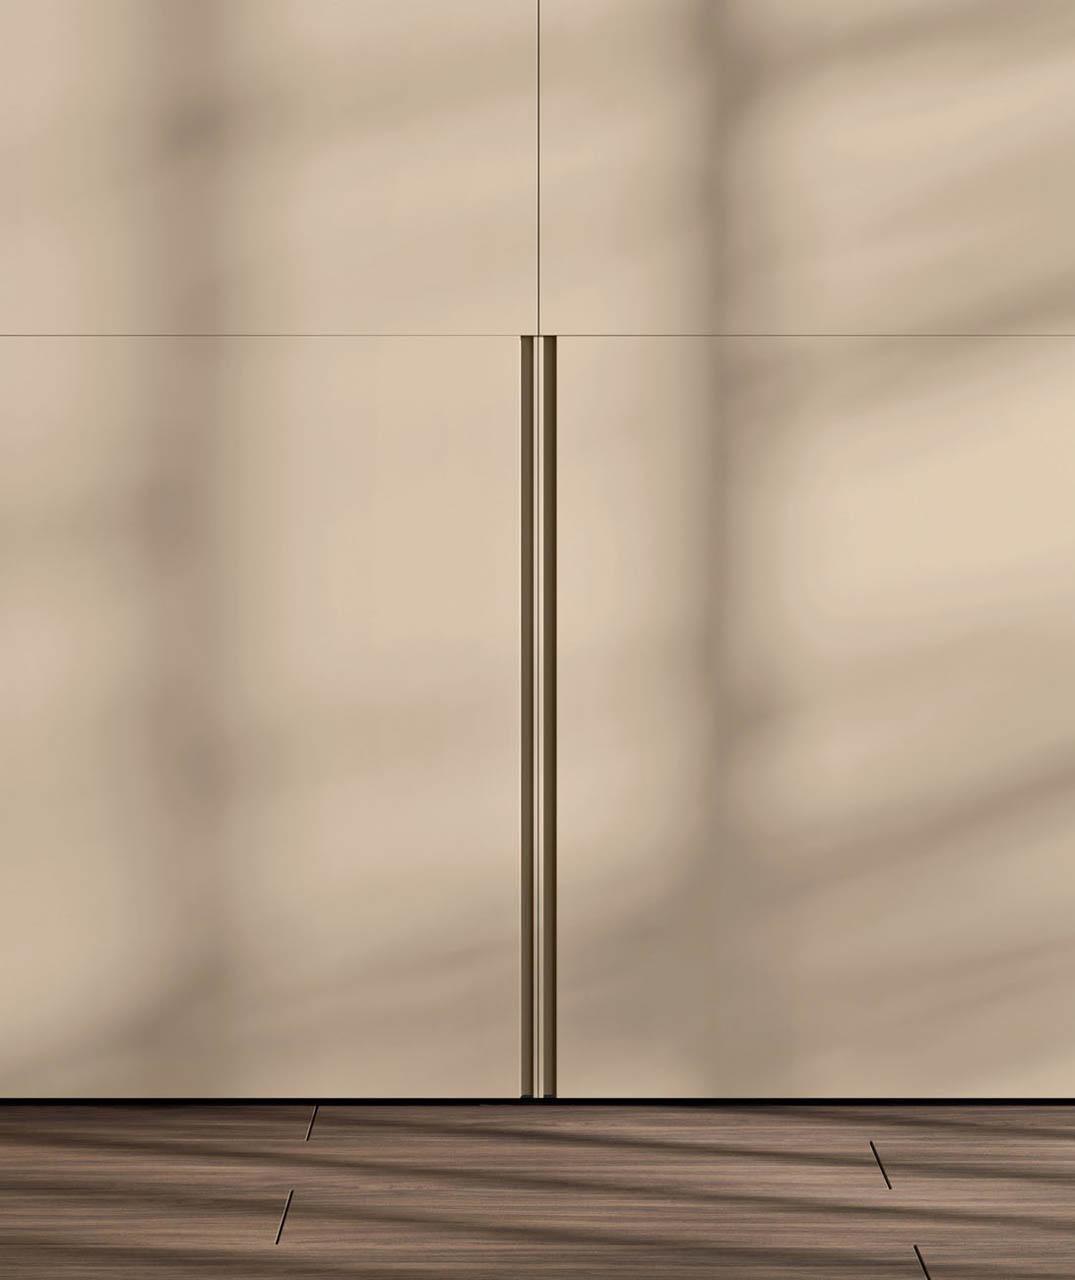 armadio-scorrevole-anta-complanare-gola-3-orme-1092x1300